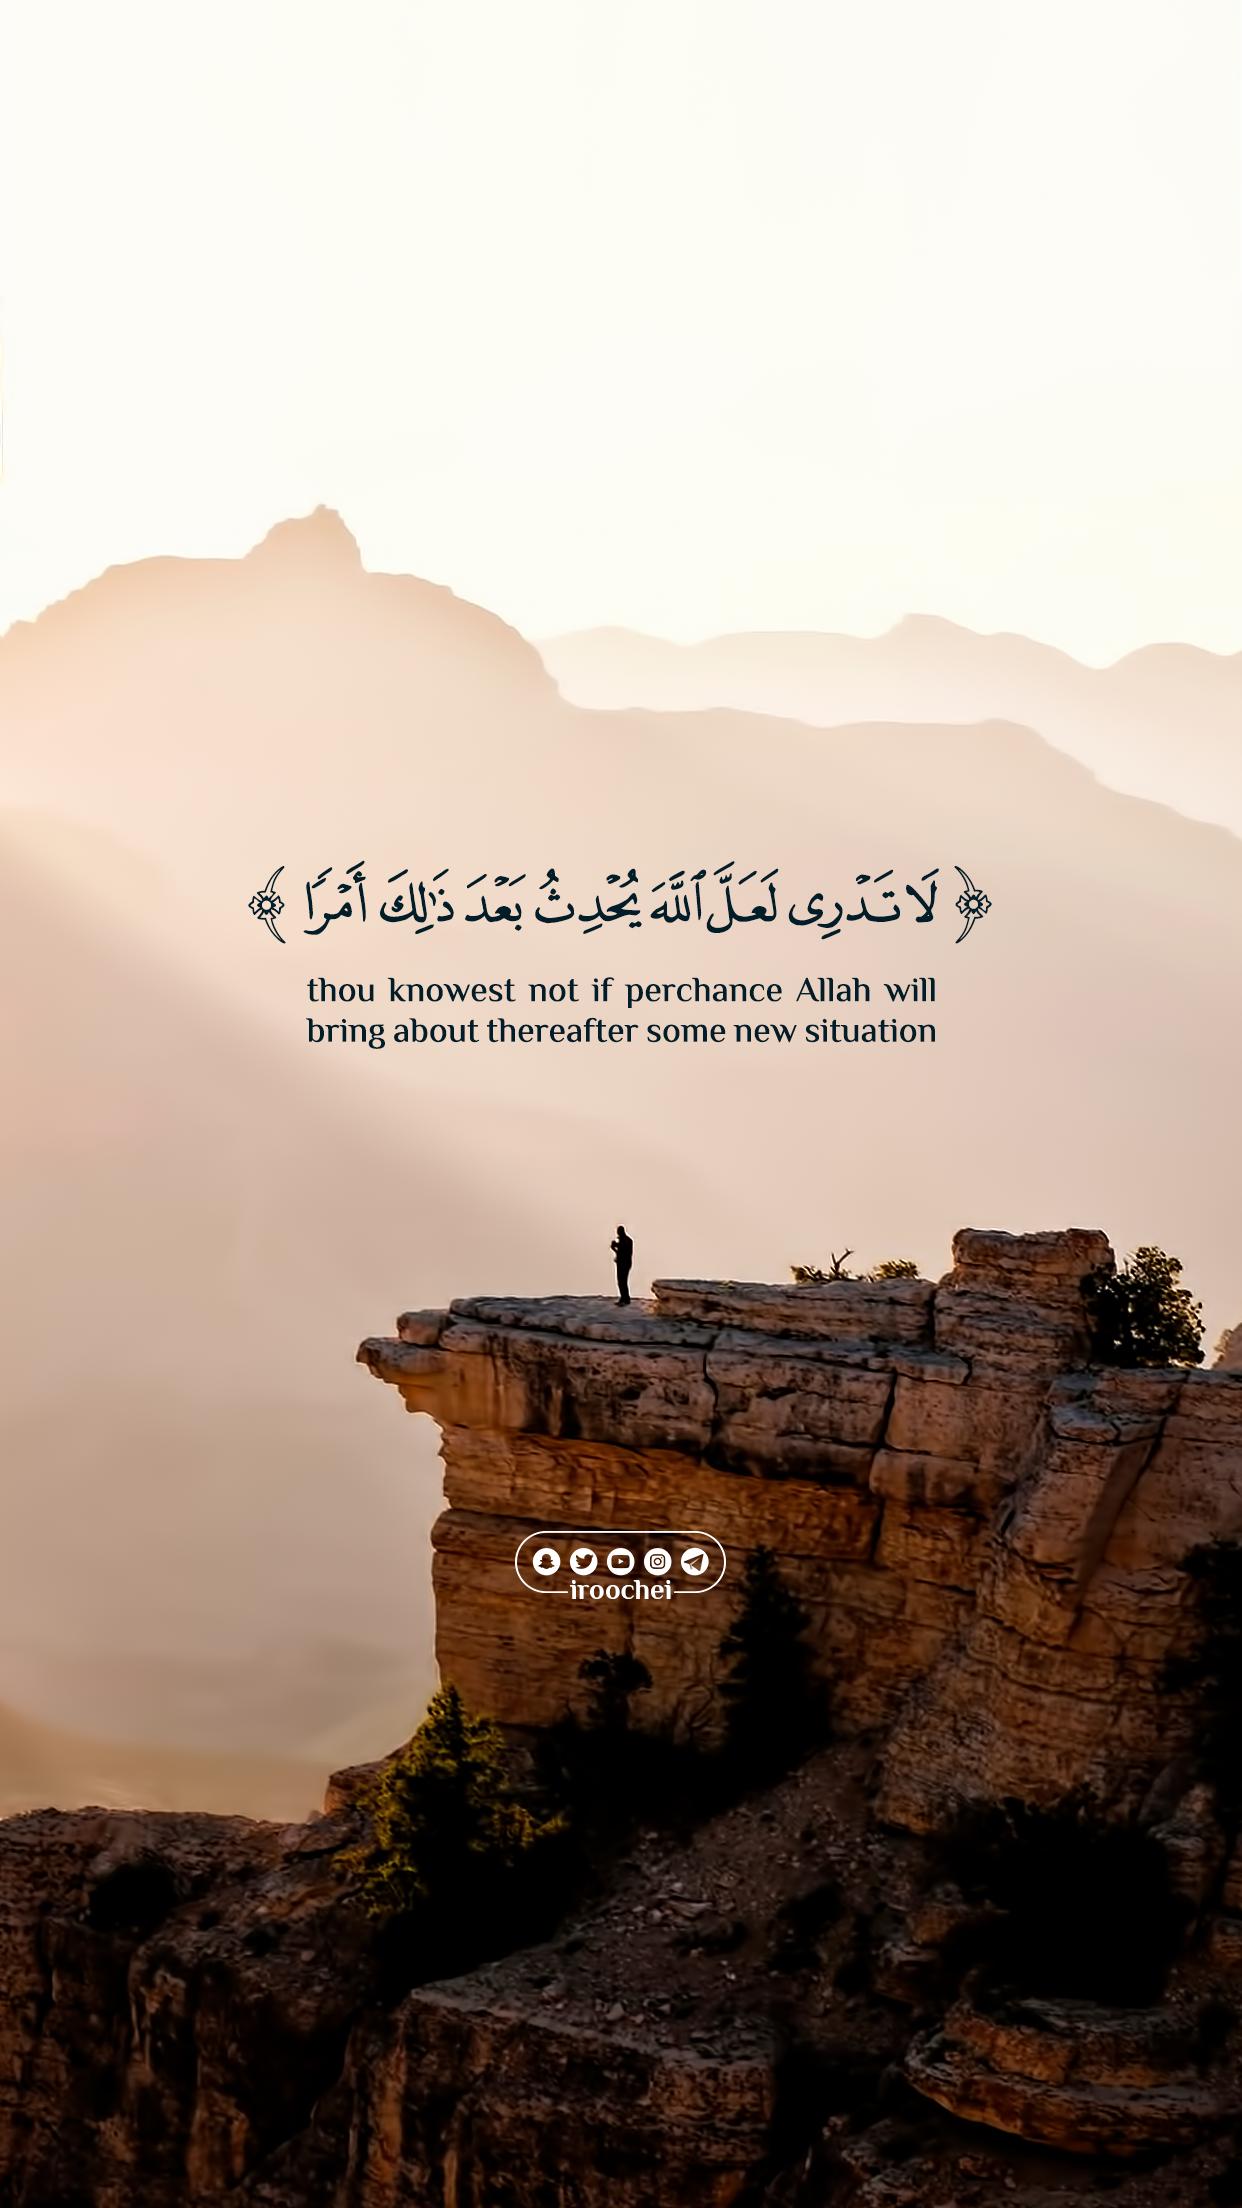 لا تدري لعل الله يحدث بعد ذلك أمرا Beautiful Quran Quotes Quran Quotes Islamic Quotes